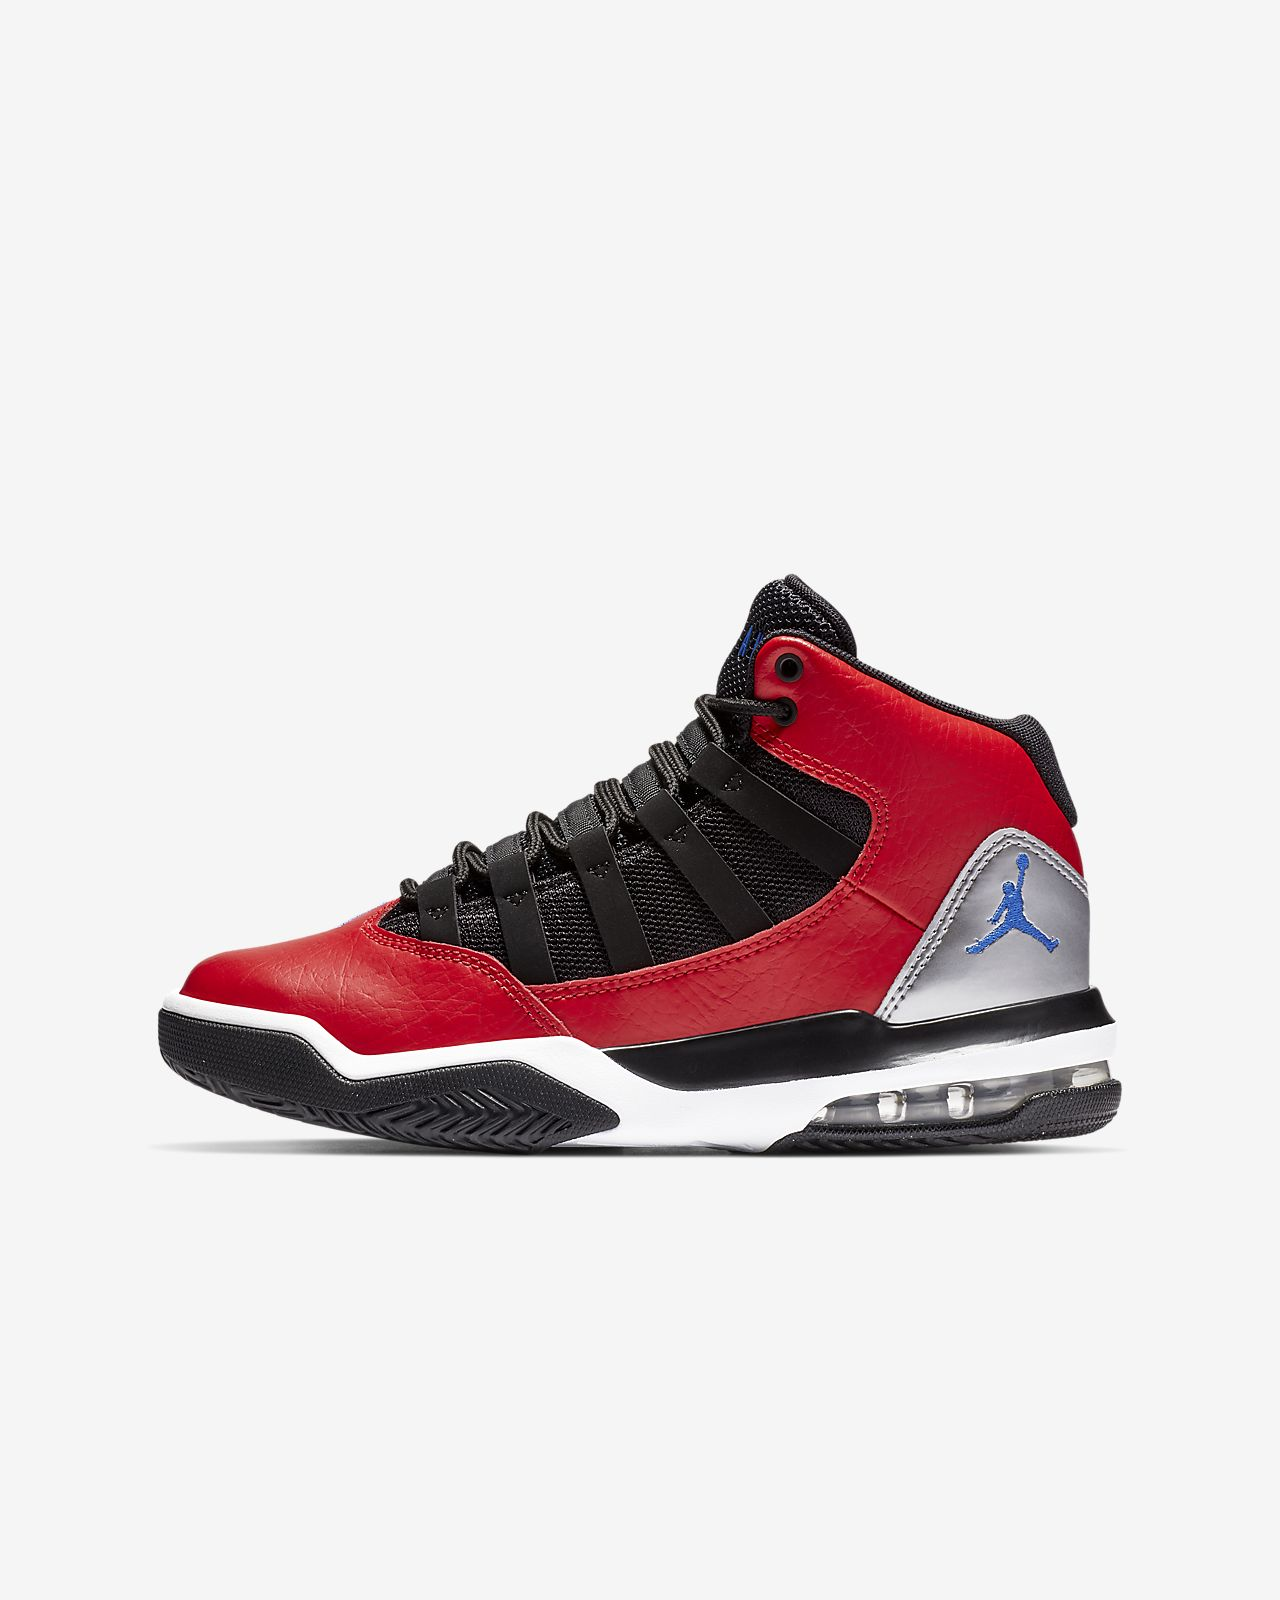 sports shoes f1c8c 762b3 ... Chaussure Jordan Max Aura pour Enfant plus âgé